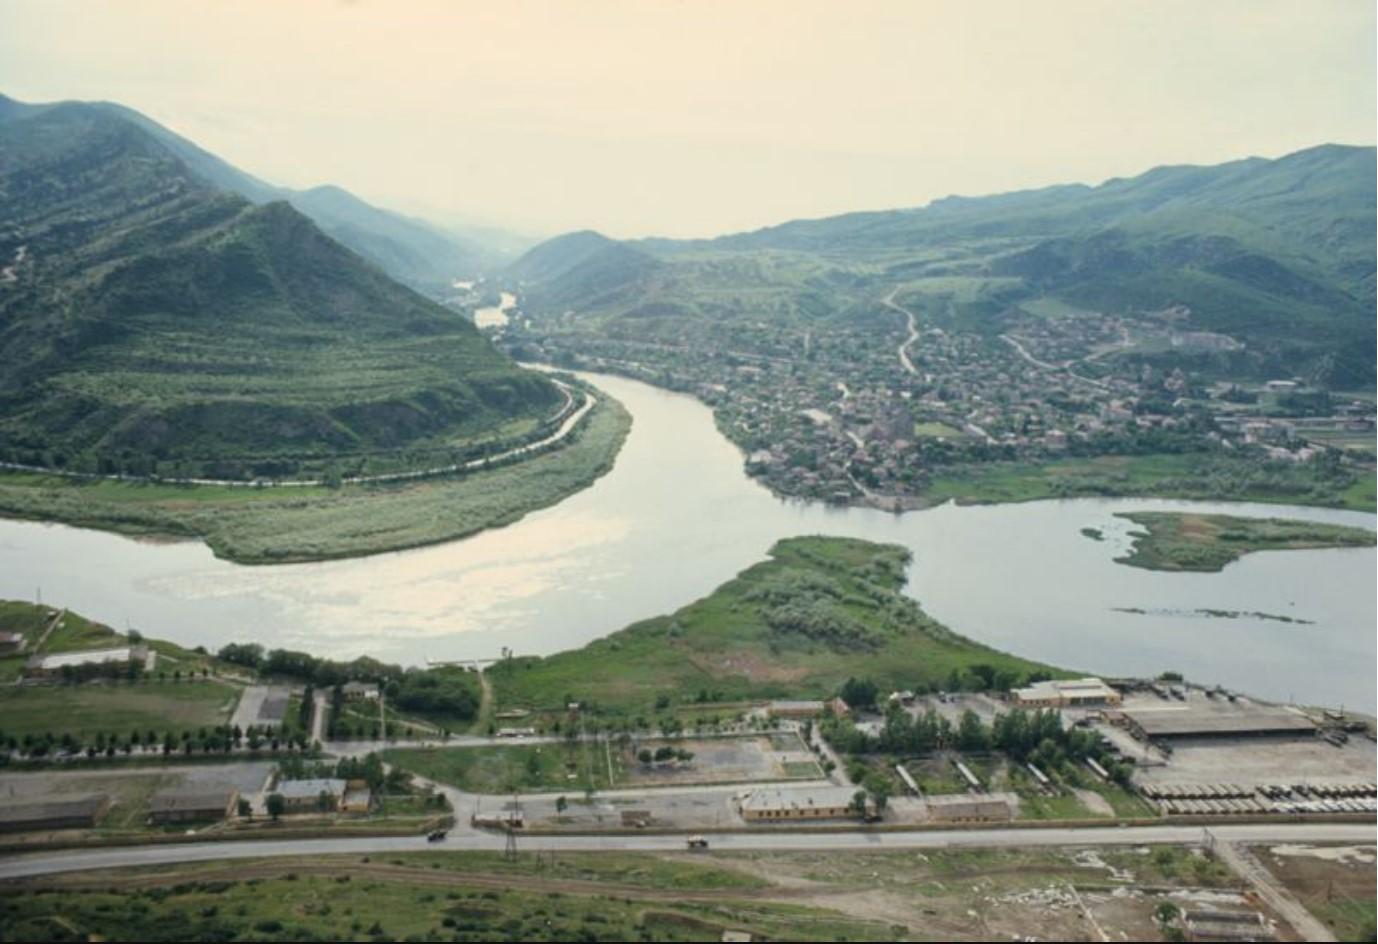 Тбилиси. Вид на город и окружающую местность